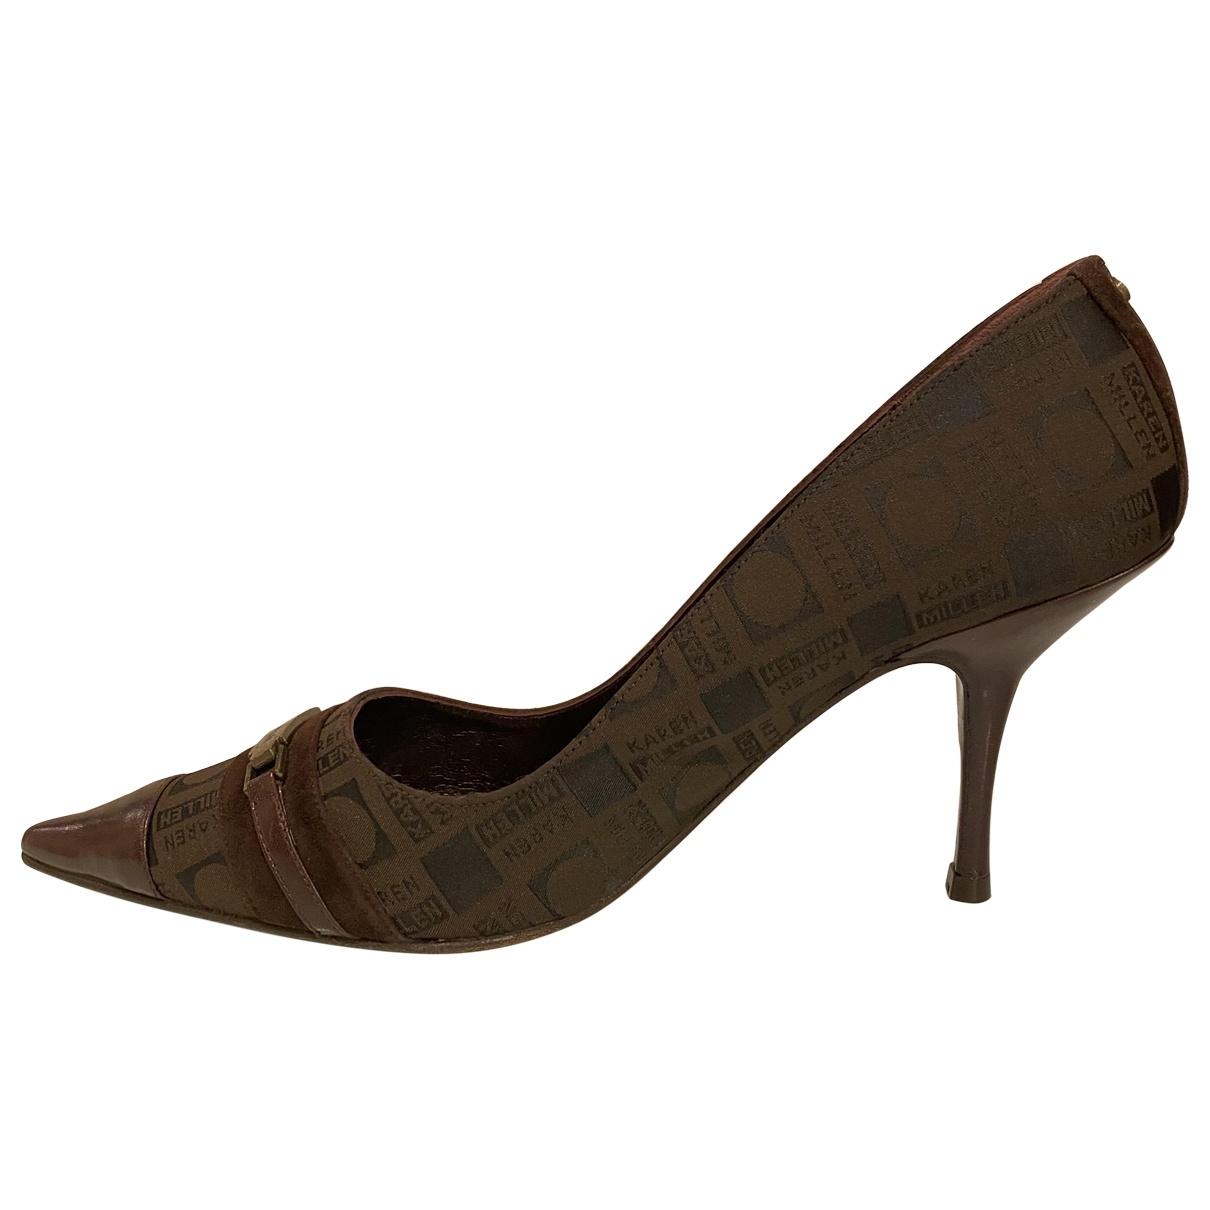 Karen Millen - Escarpins   pour femme en cuir - marron